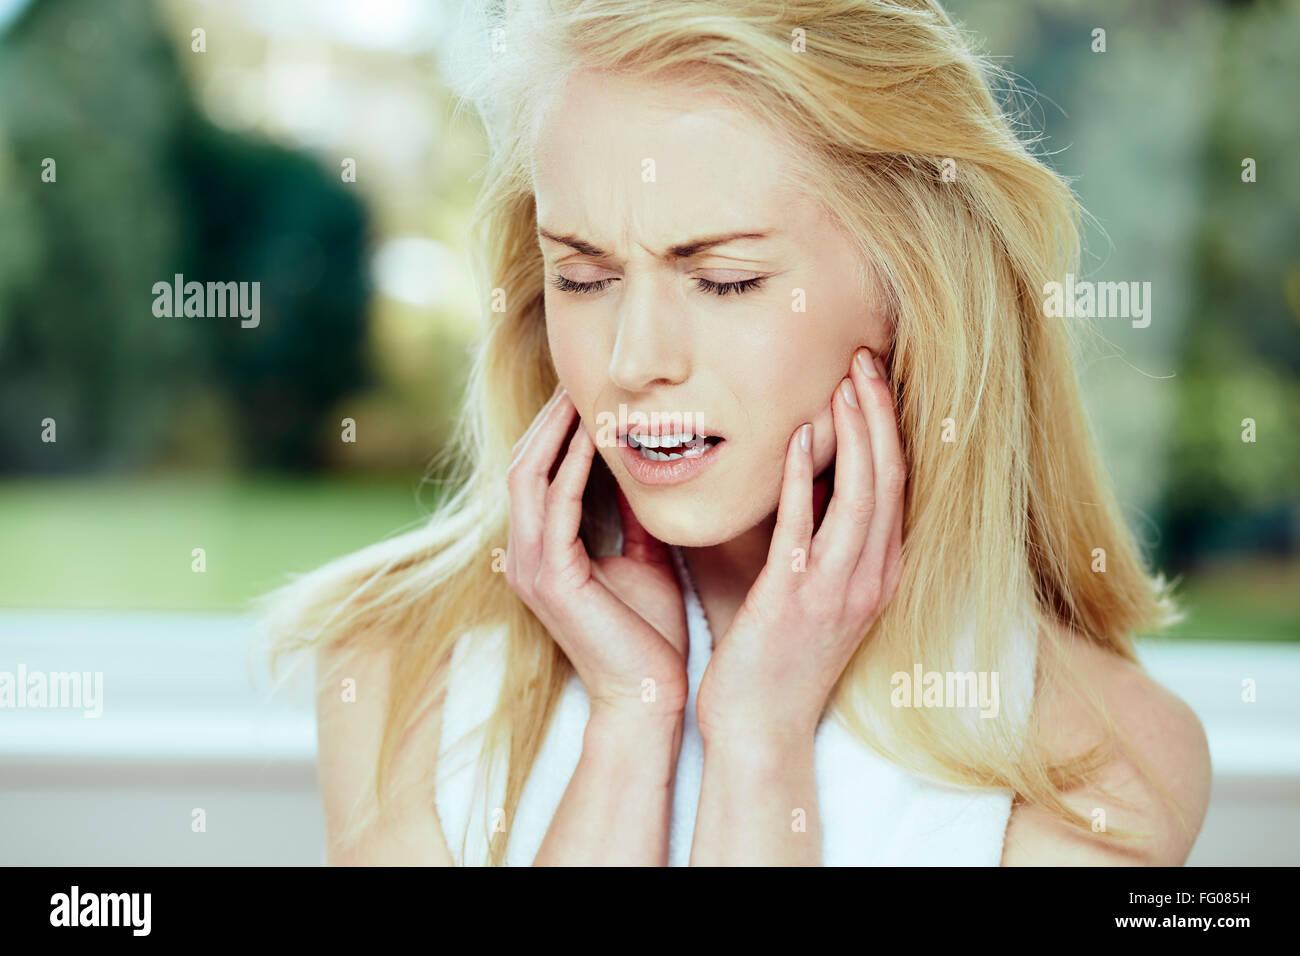 Mädchen mit Zahnschmerzen Stockfoto